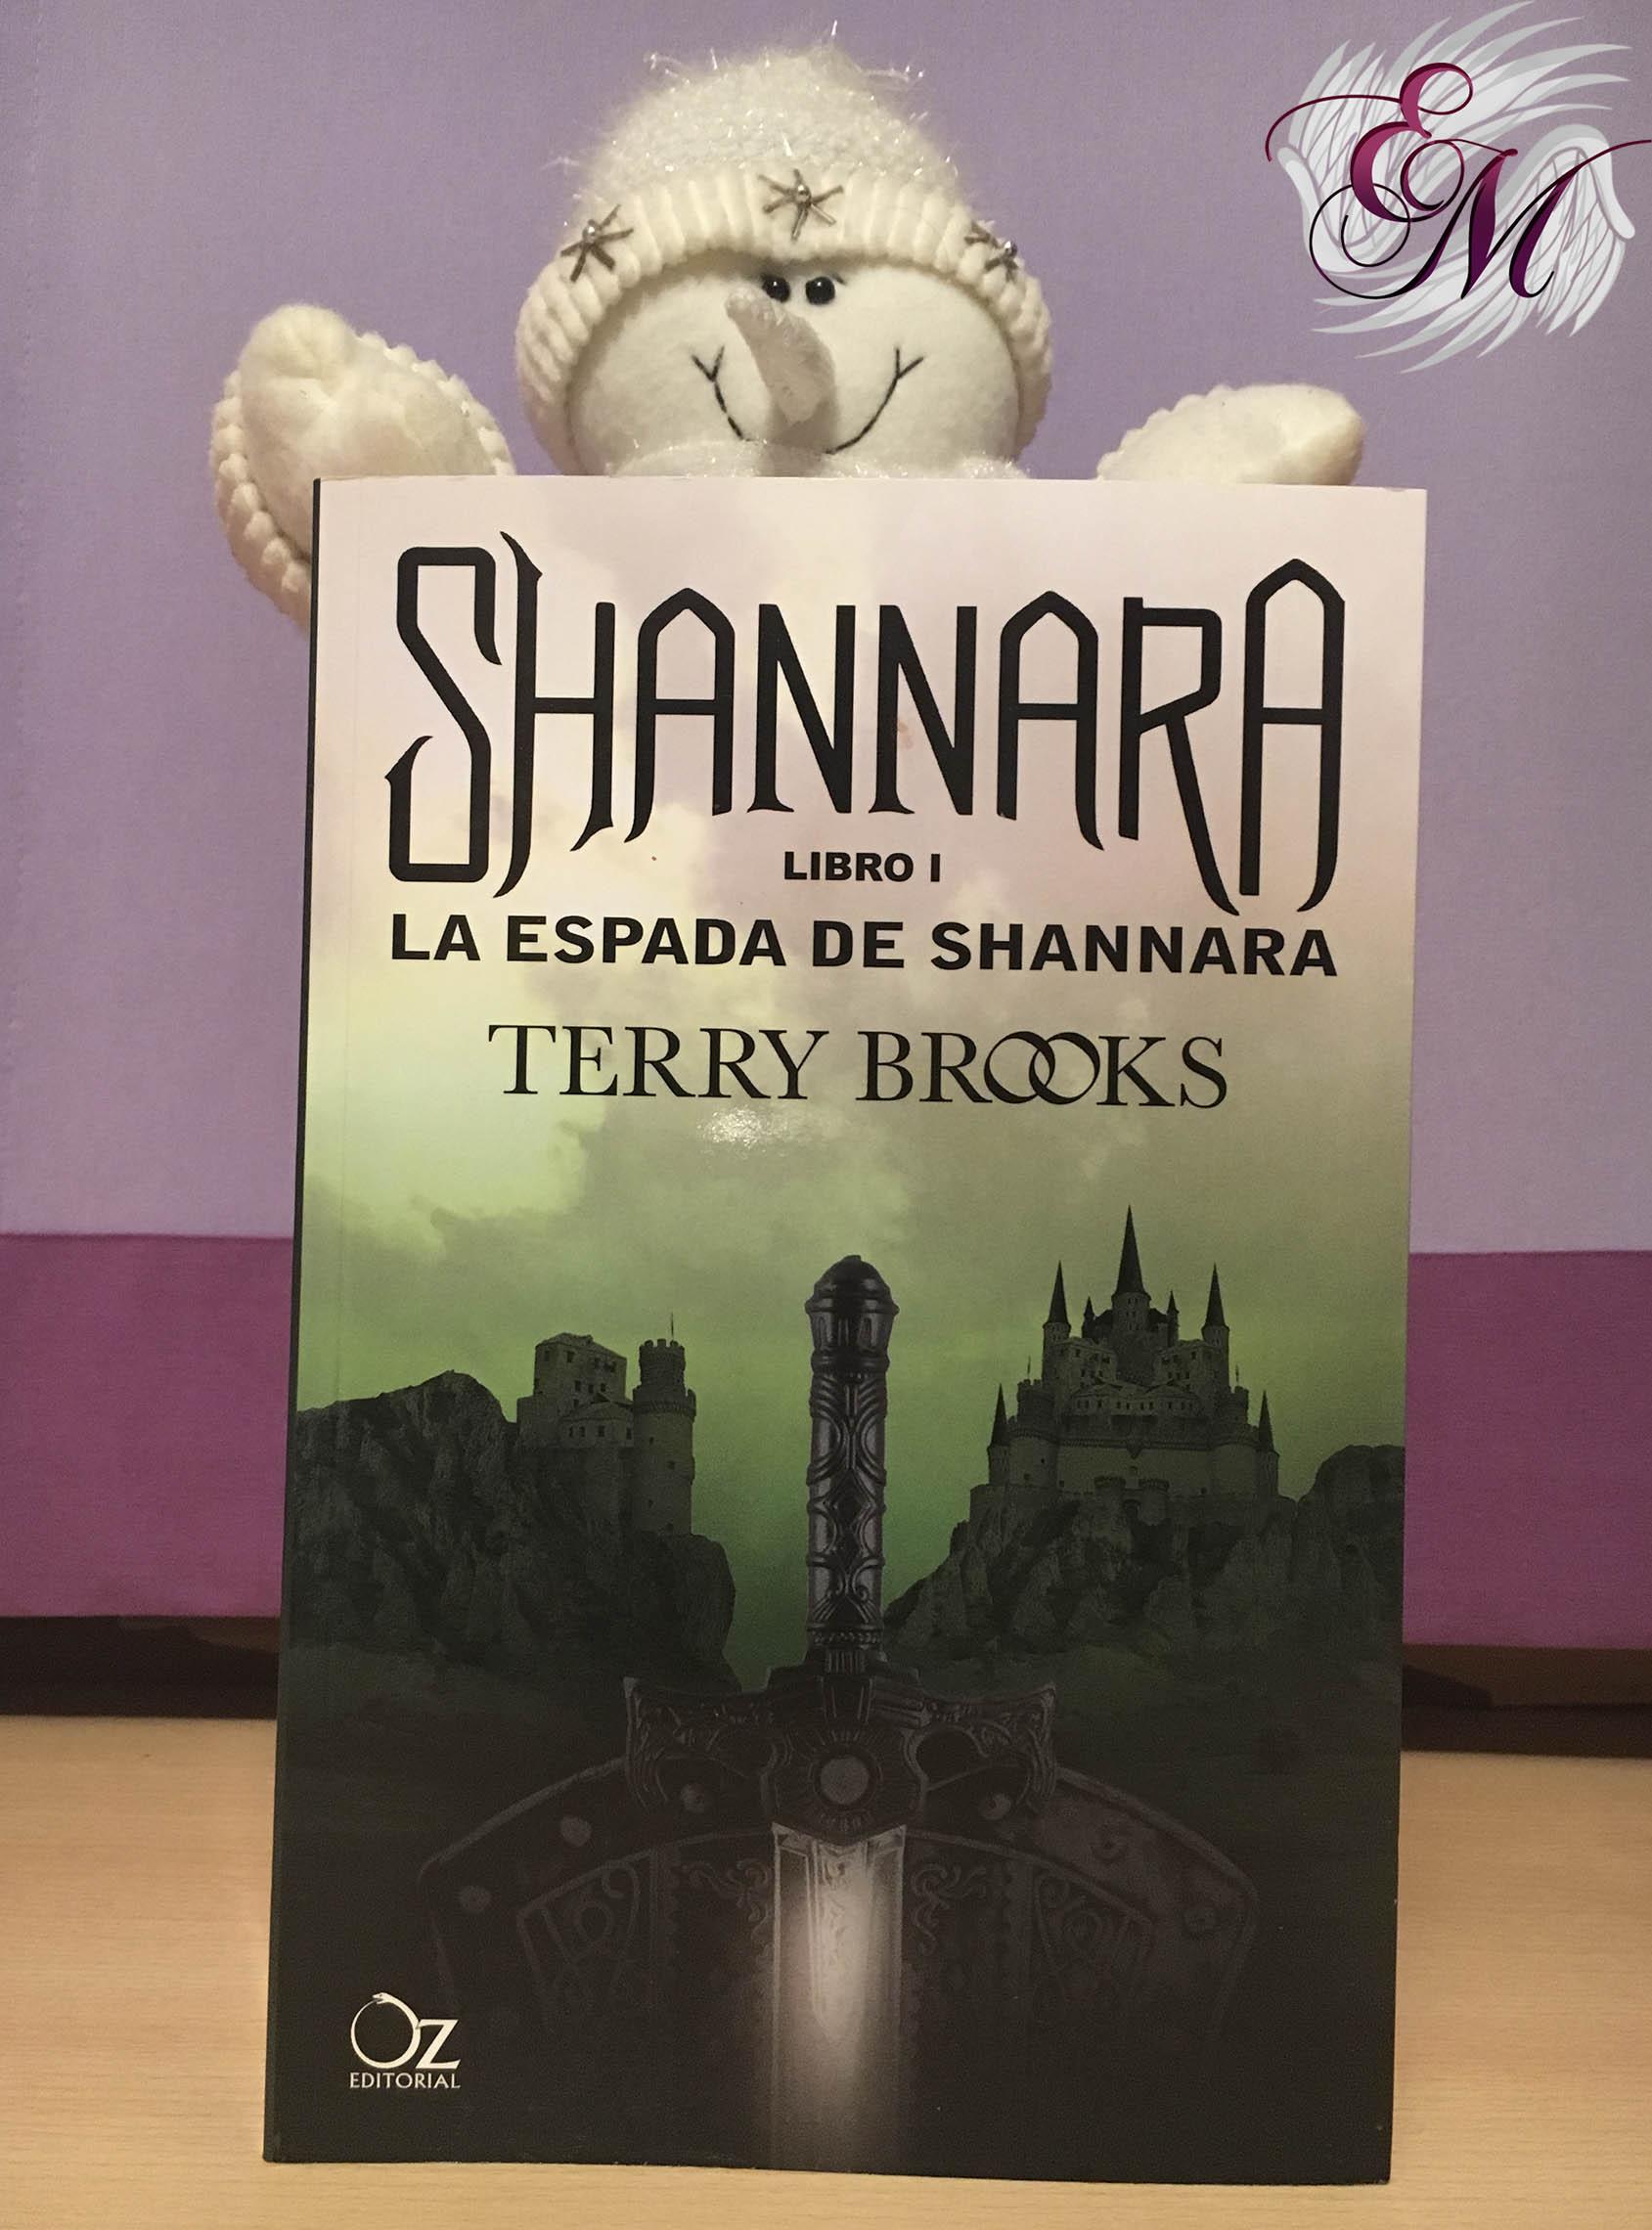 La espada de Shannara, de Terry Brooks - Reseña